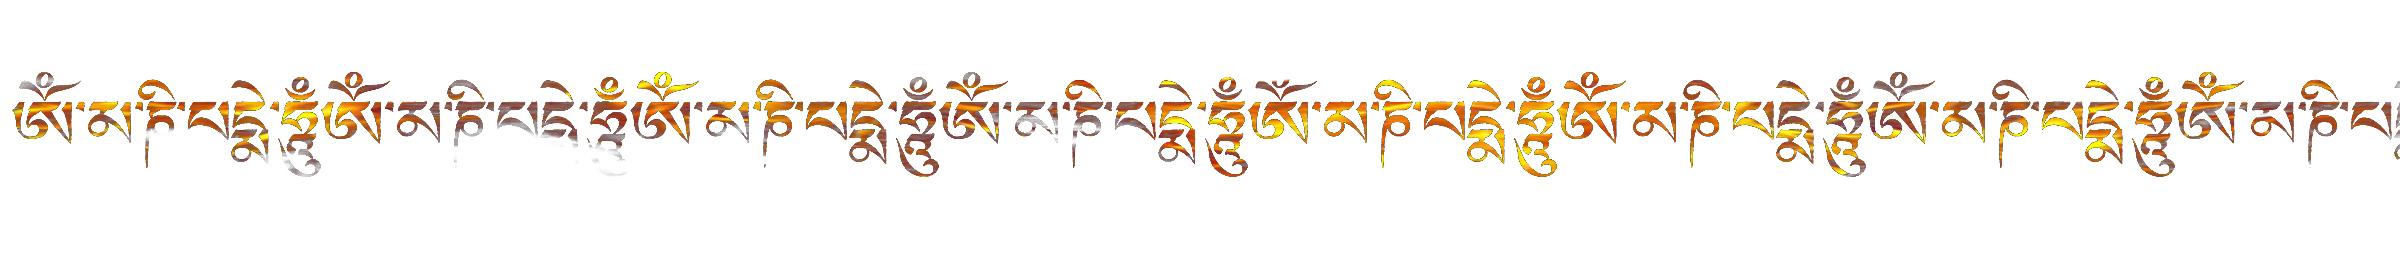 mantra only.jpg